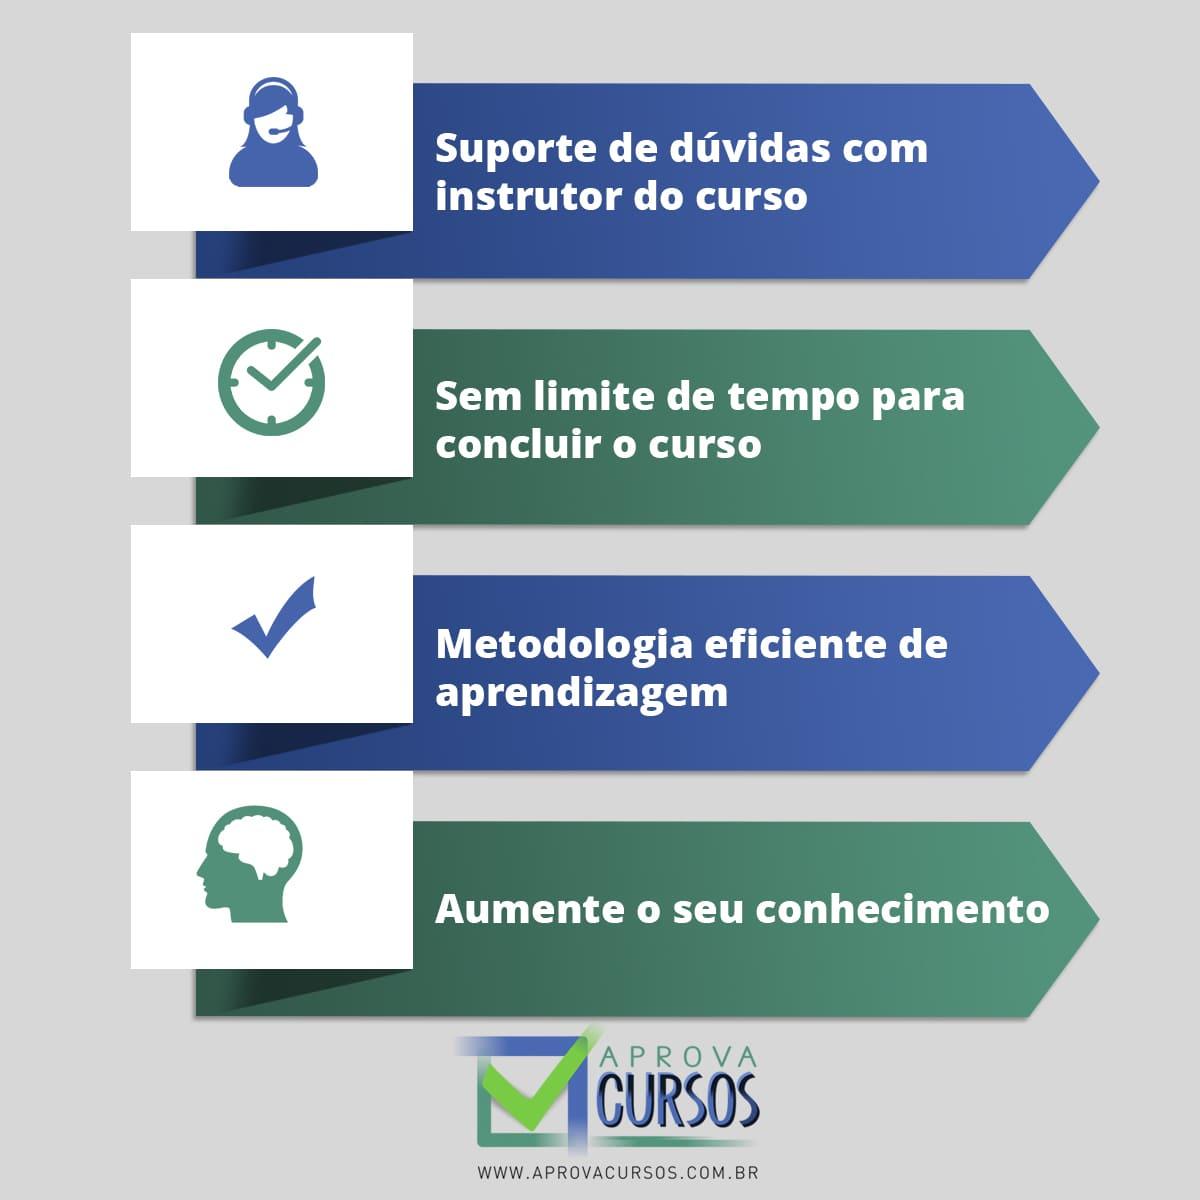 Curso Online de Enfermagem Clínica com Certificado  - Aprova Cursos